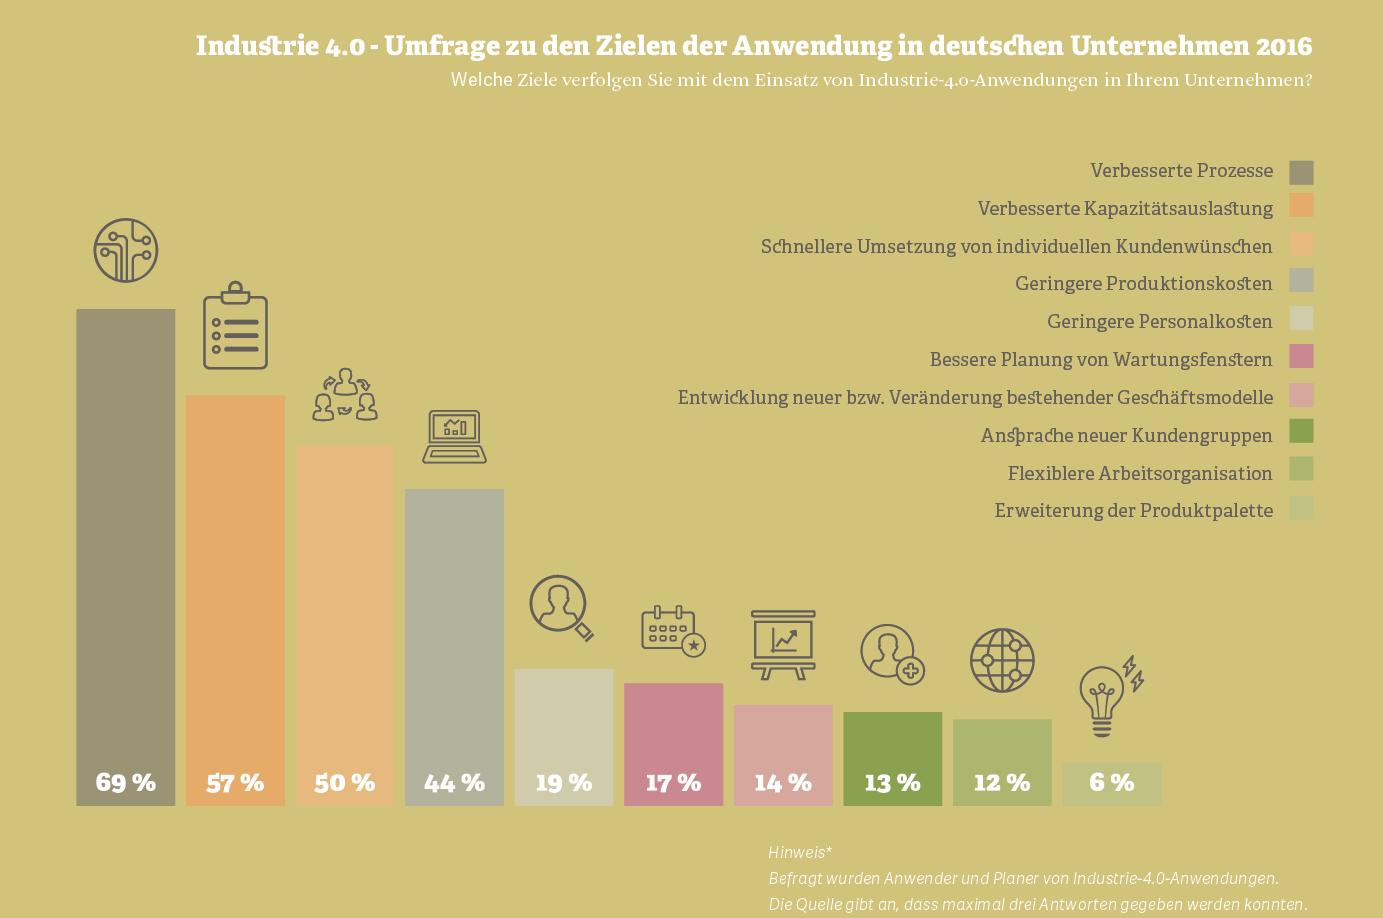 Grafik: Industrie 4.0 –Umfrage zu den Zielen der Anwendung in deutschen Unternehmen, 2016.